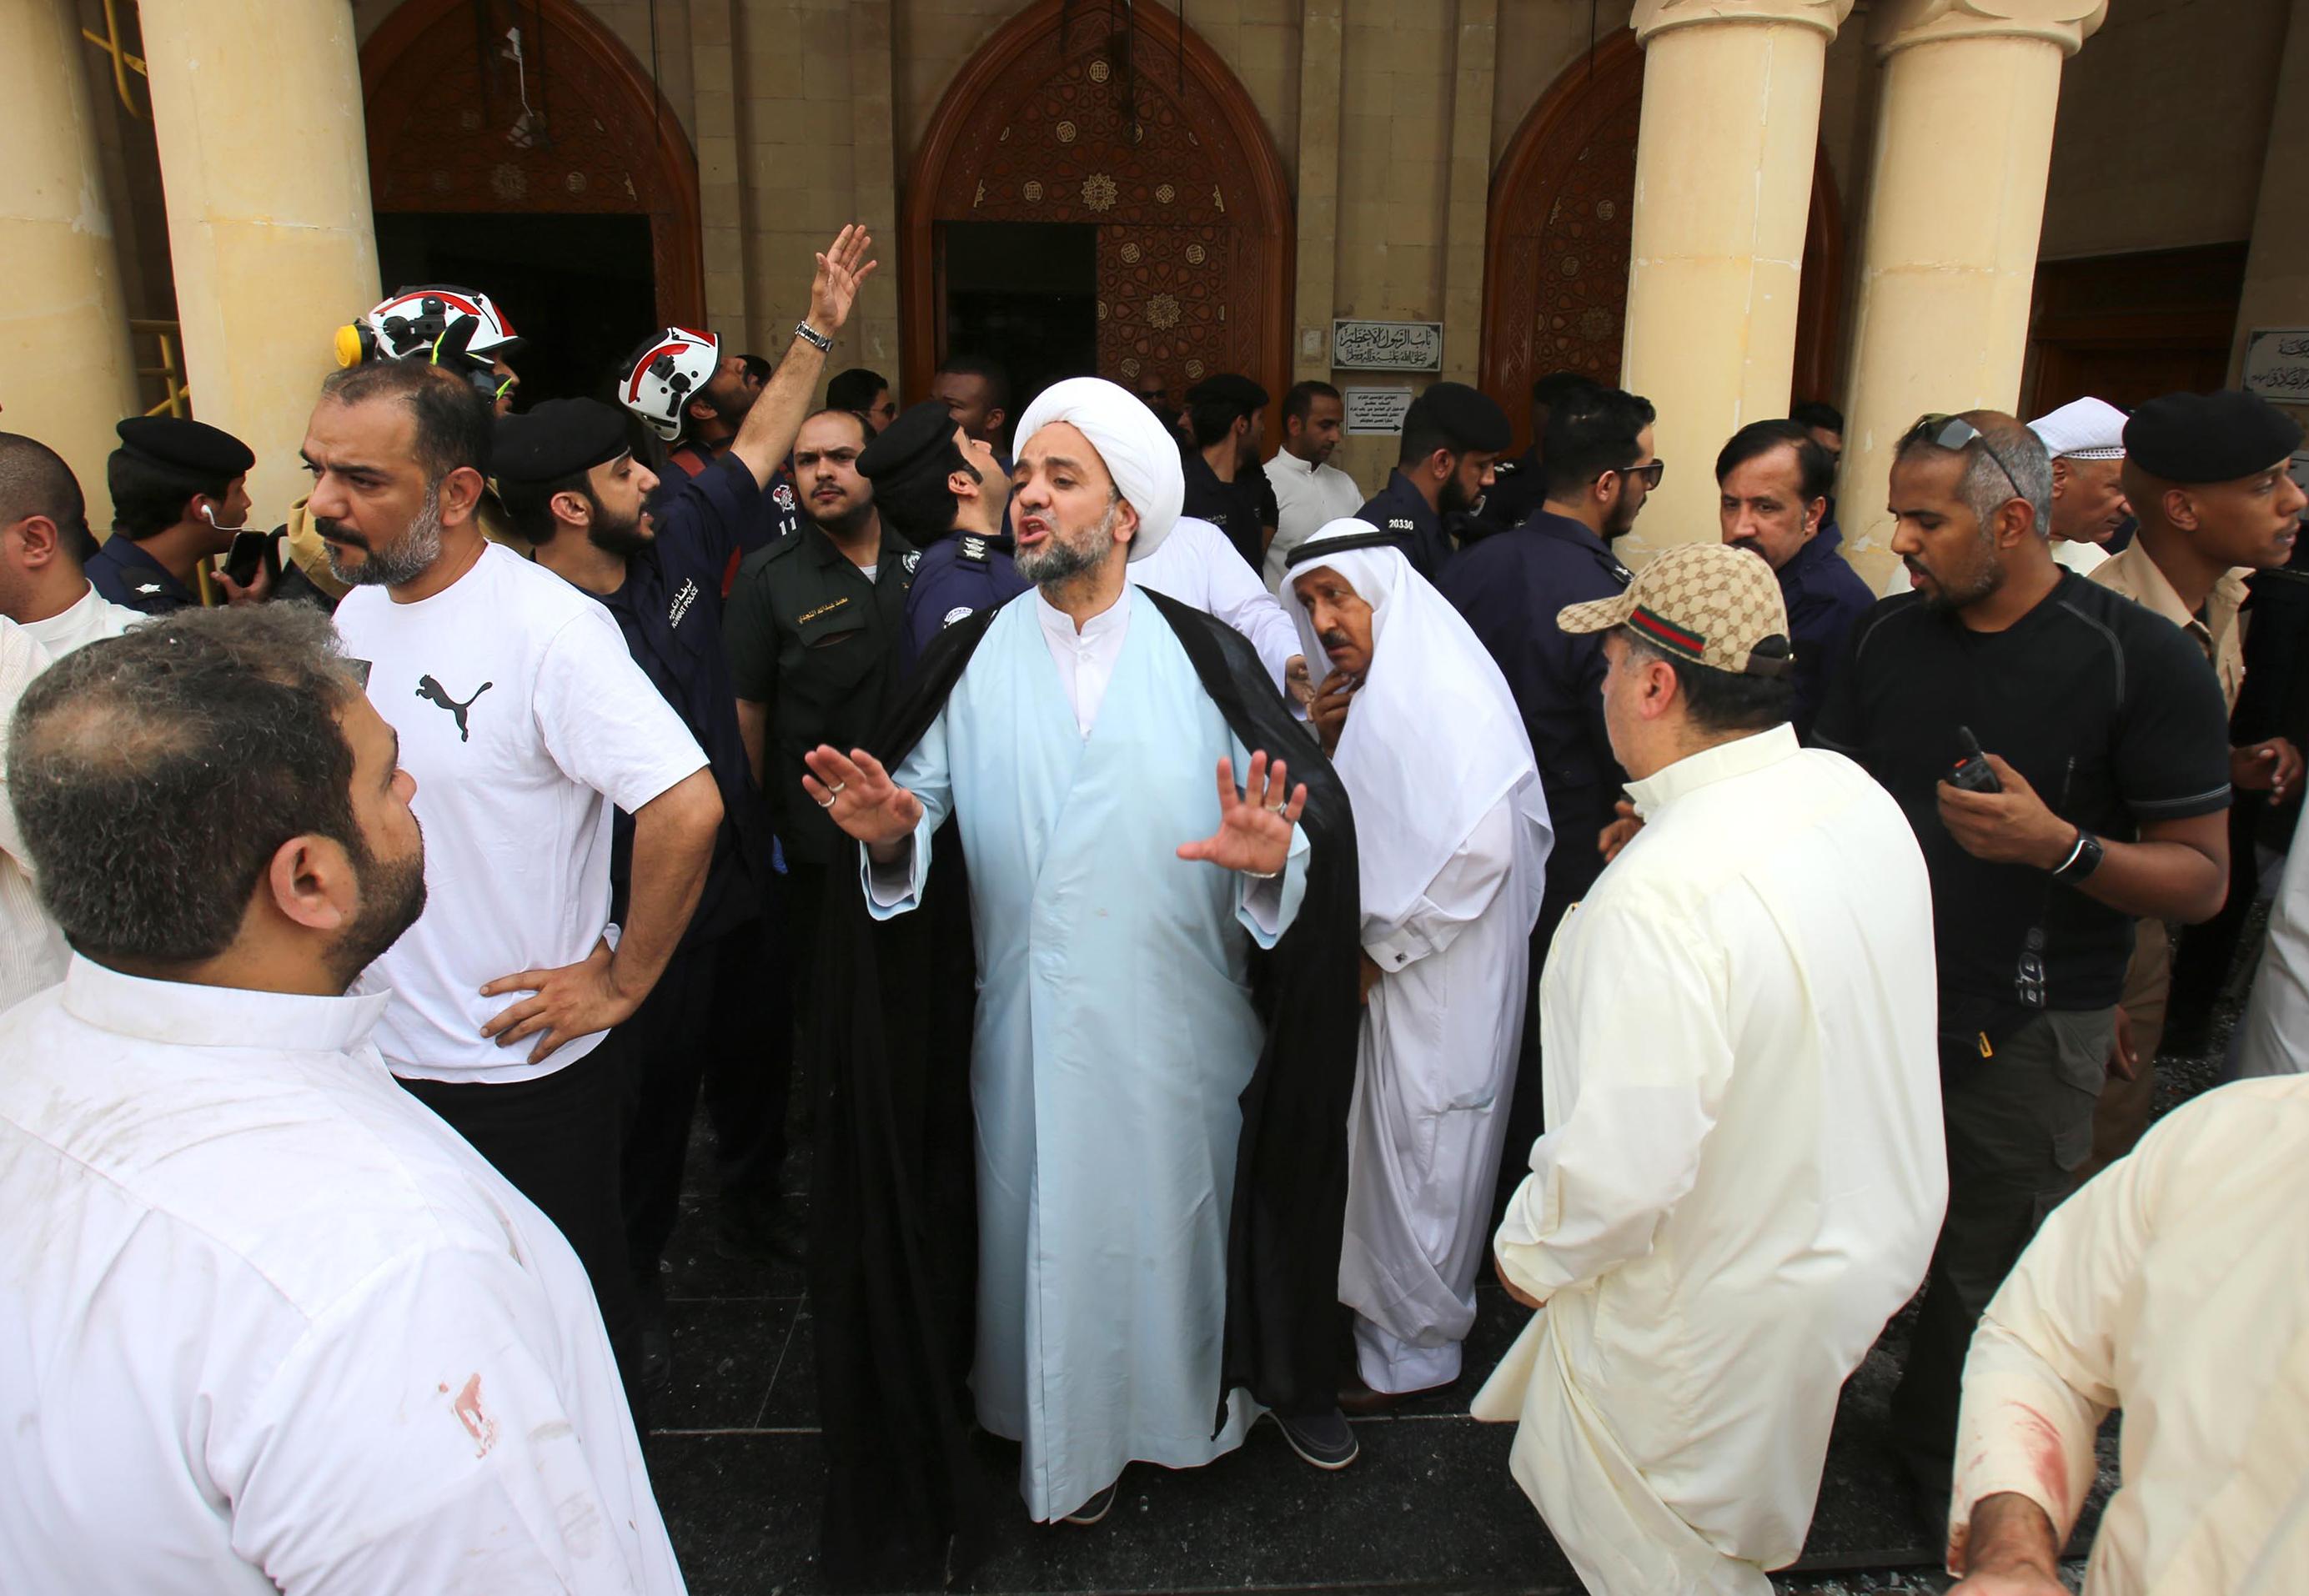 أحد الائمة يتفقد آثار التفجير في مسجد الصادف بالكويت